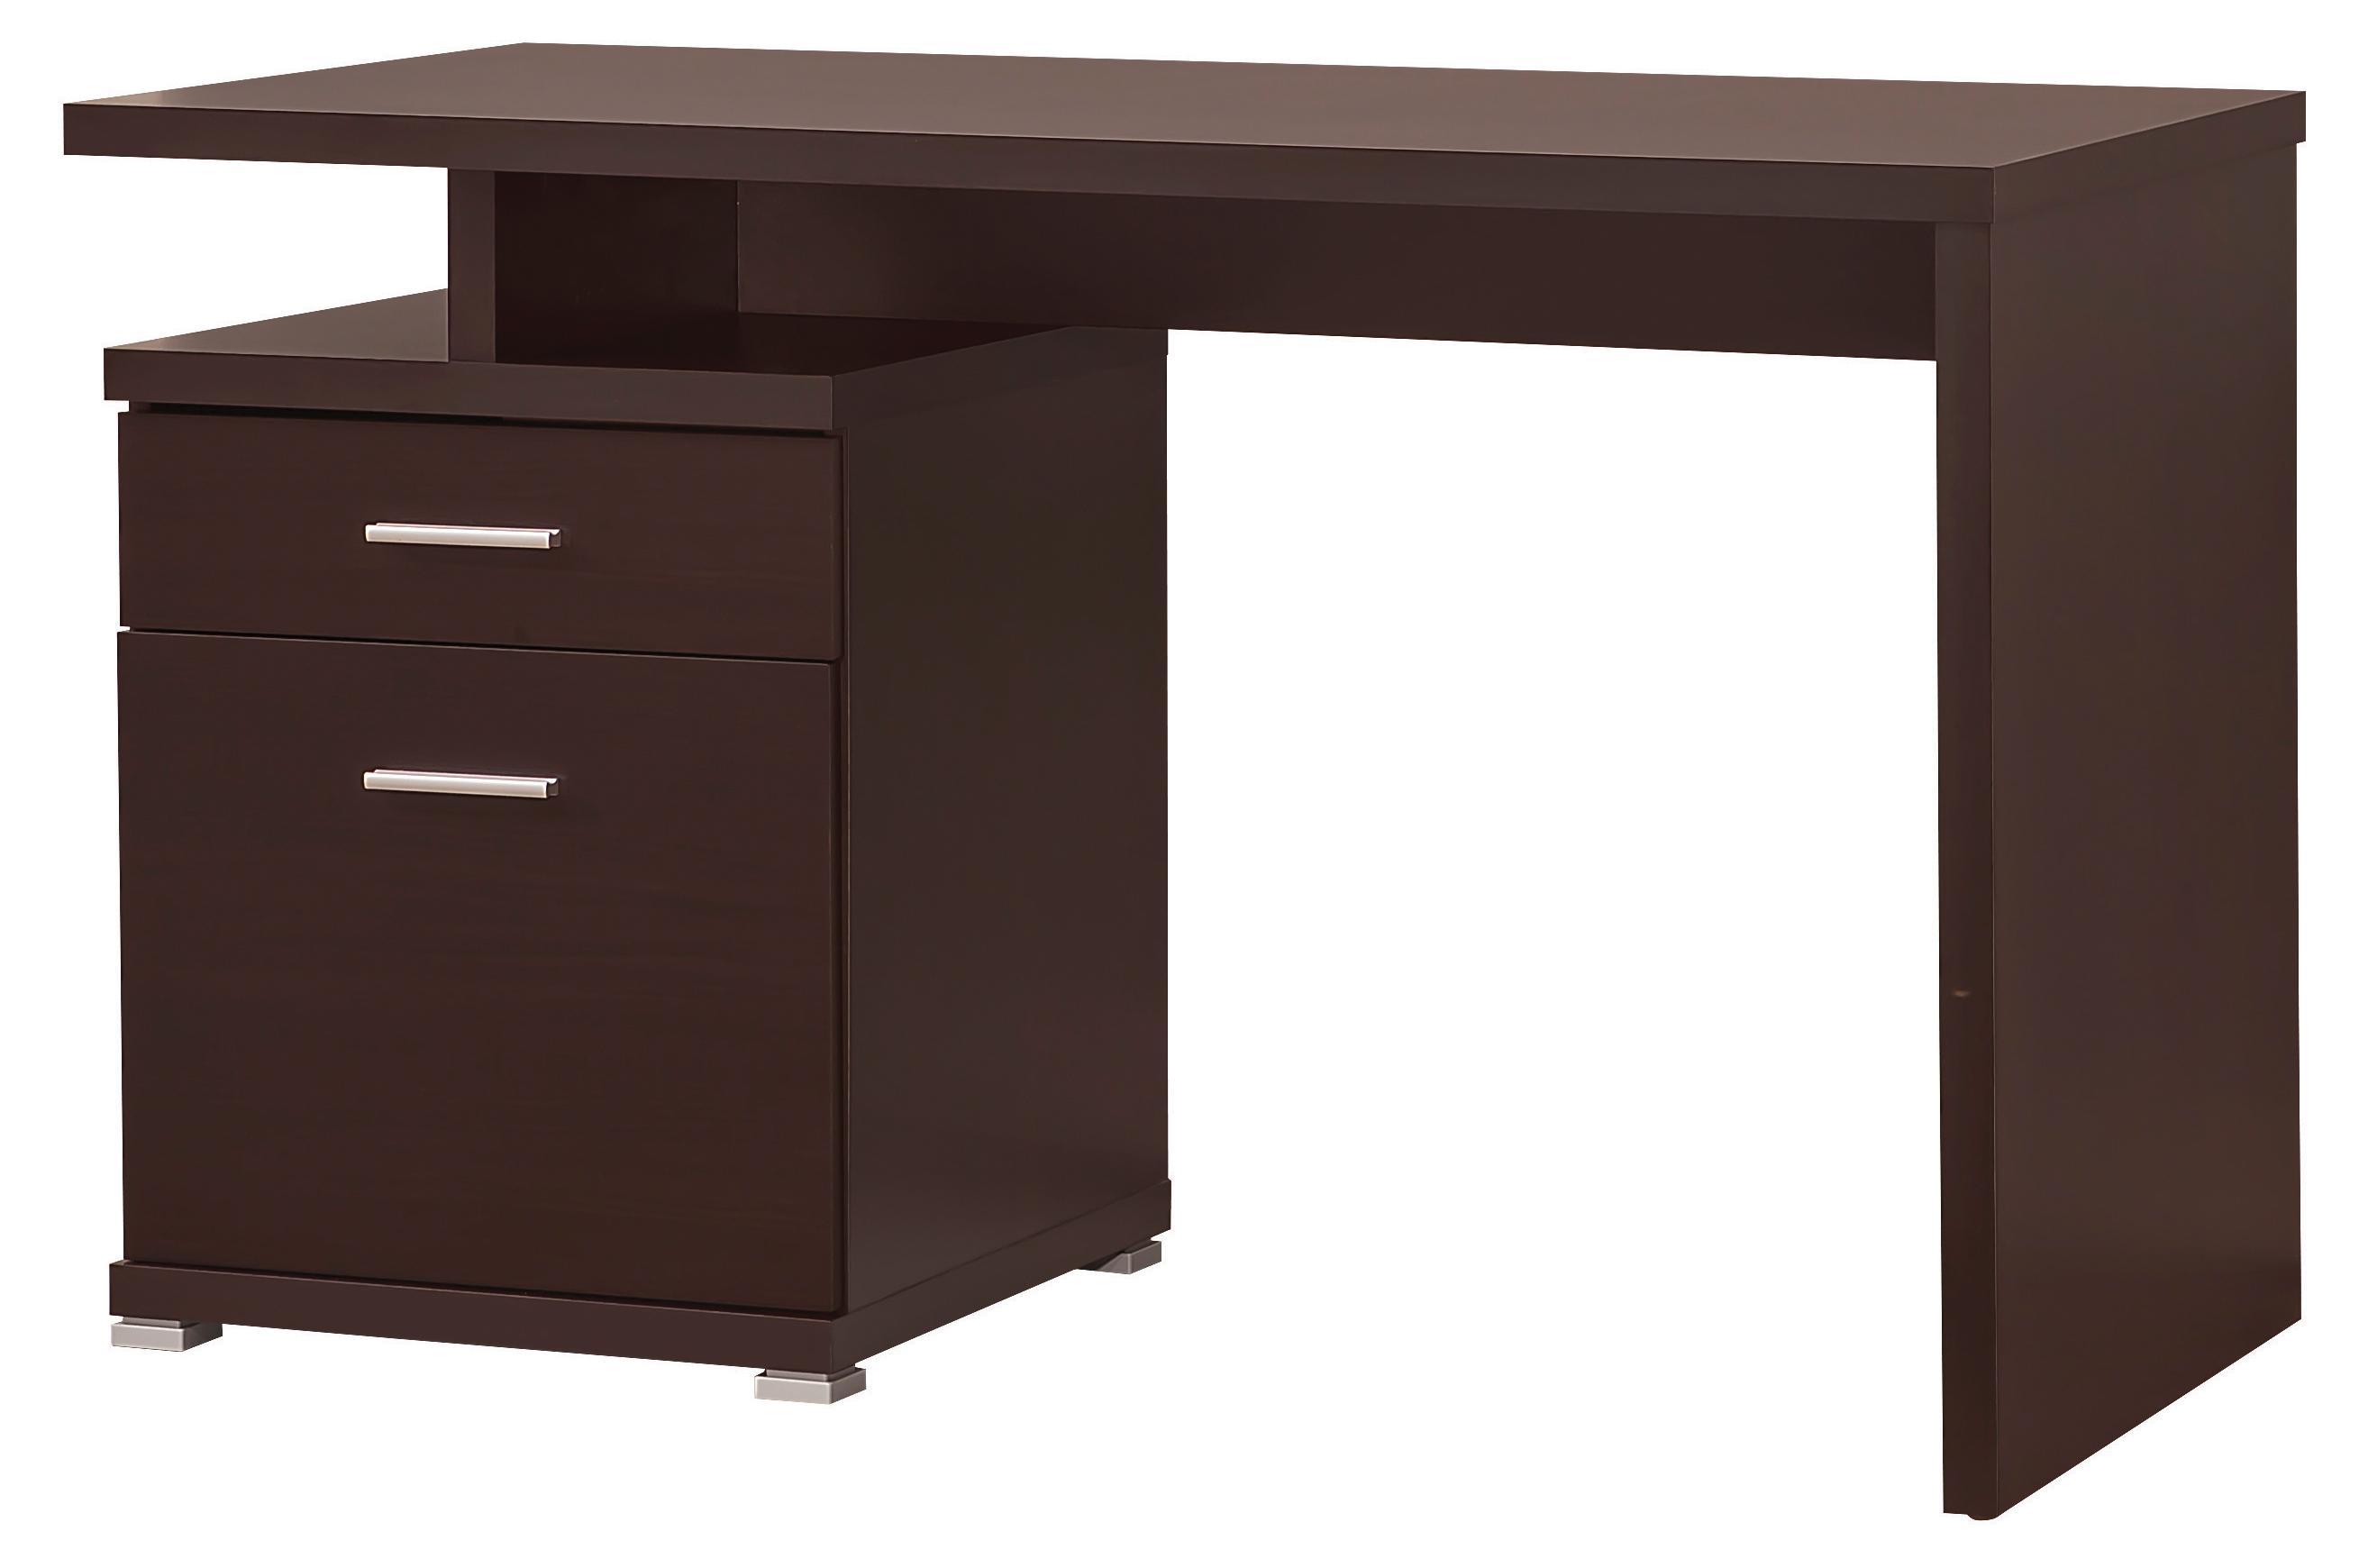 Coaster Desks Desk with Cabinet - Item Number: 800109